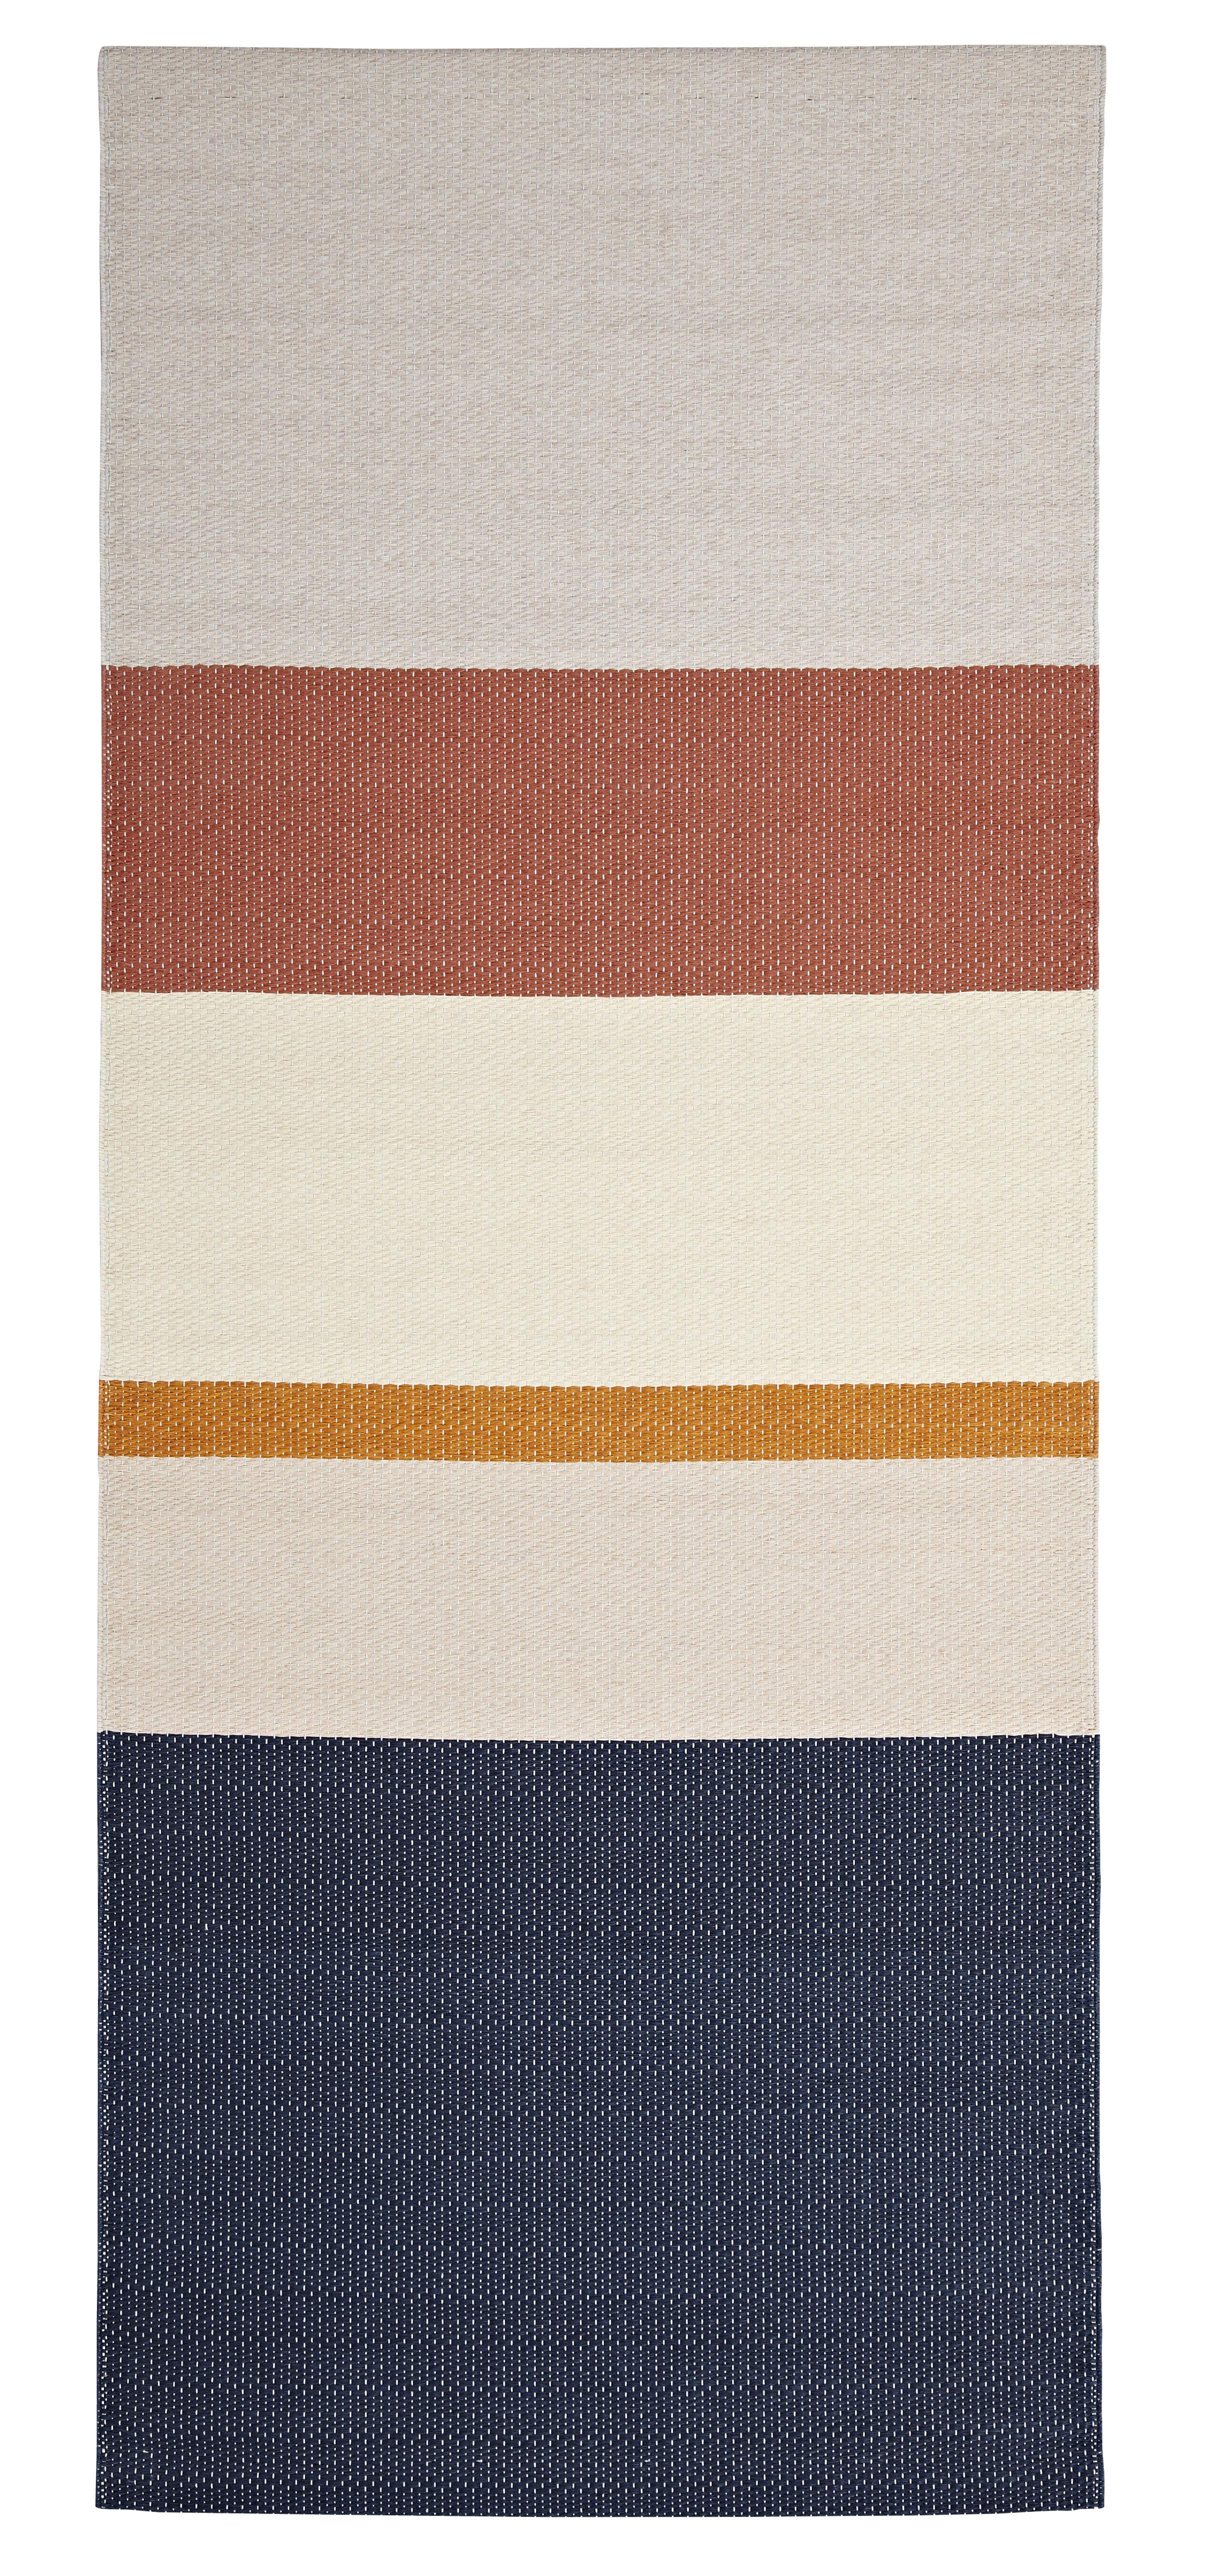 Interni - Tappeti - Tappeto Paper / 80 x 200 cm - 100 % carta - Hay - Polvere di cannella - Carta